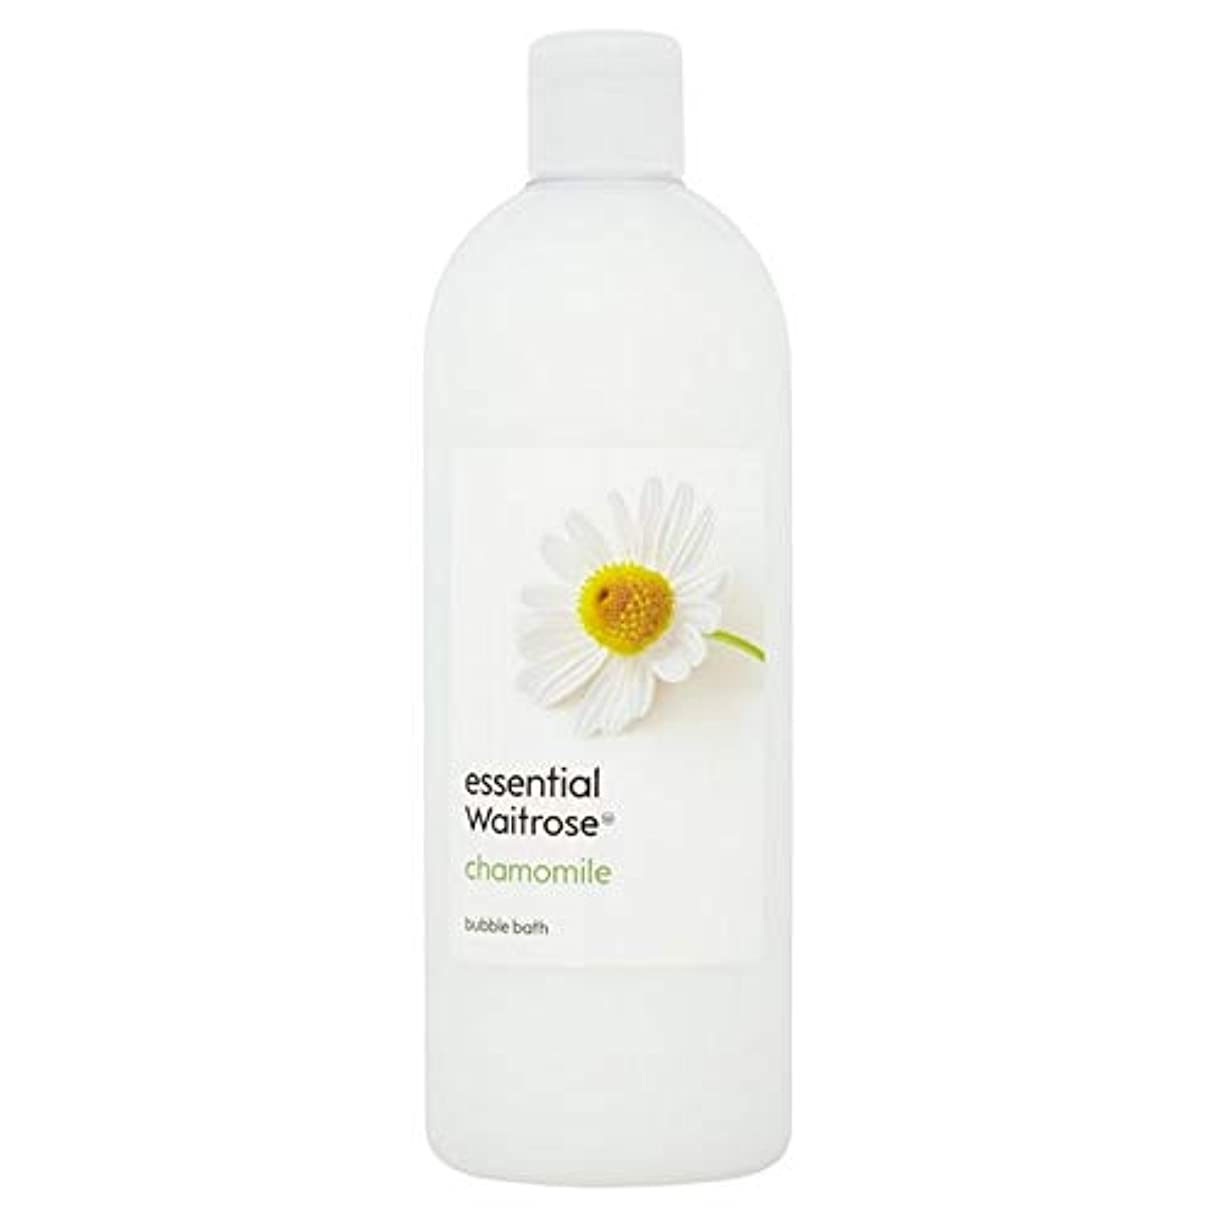 ピア政策毎日[Waitrose ] 基本的なウェイトローズ泡風呂のカモミール750ミリリットル - Essential Waitrose Bubble Bath Chamomile 750ml [並行輸入品]